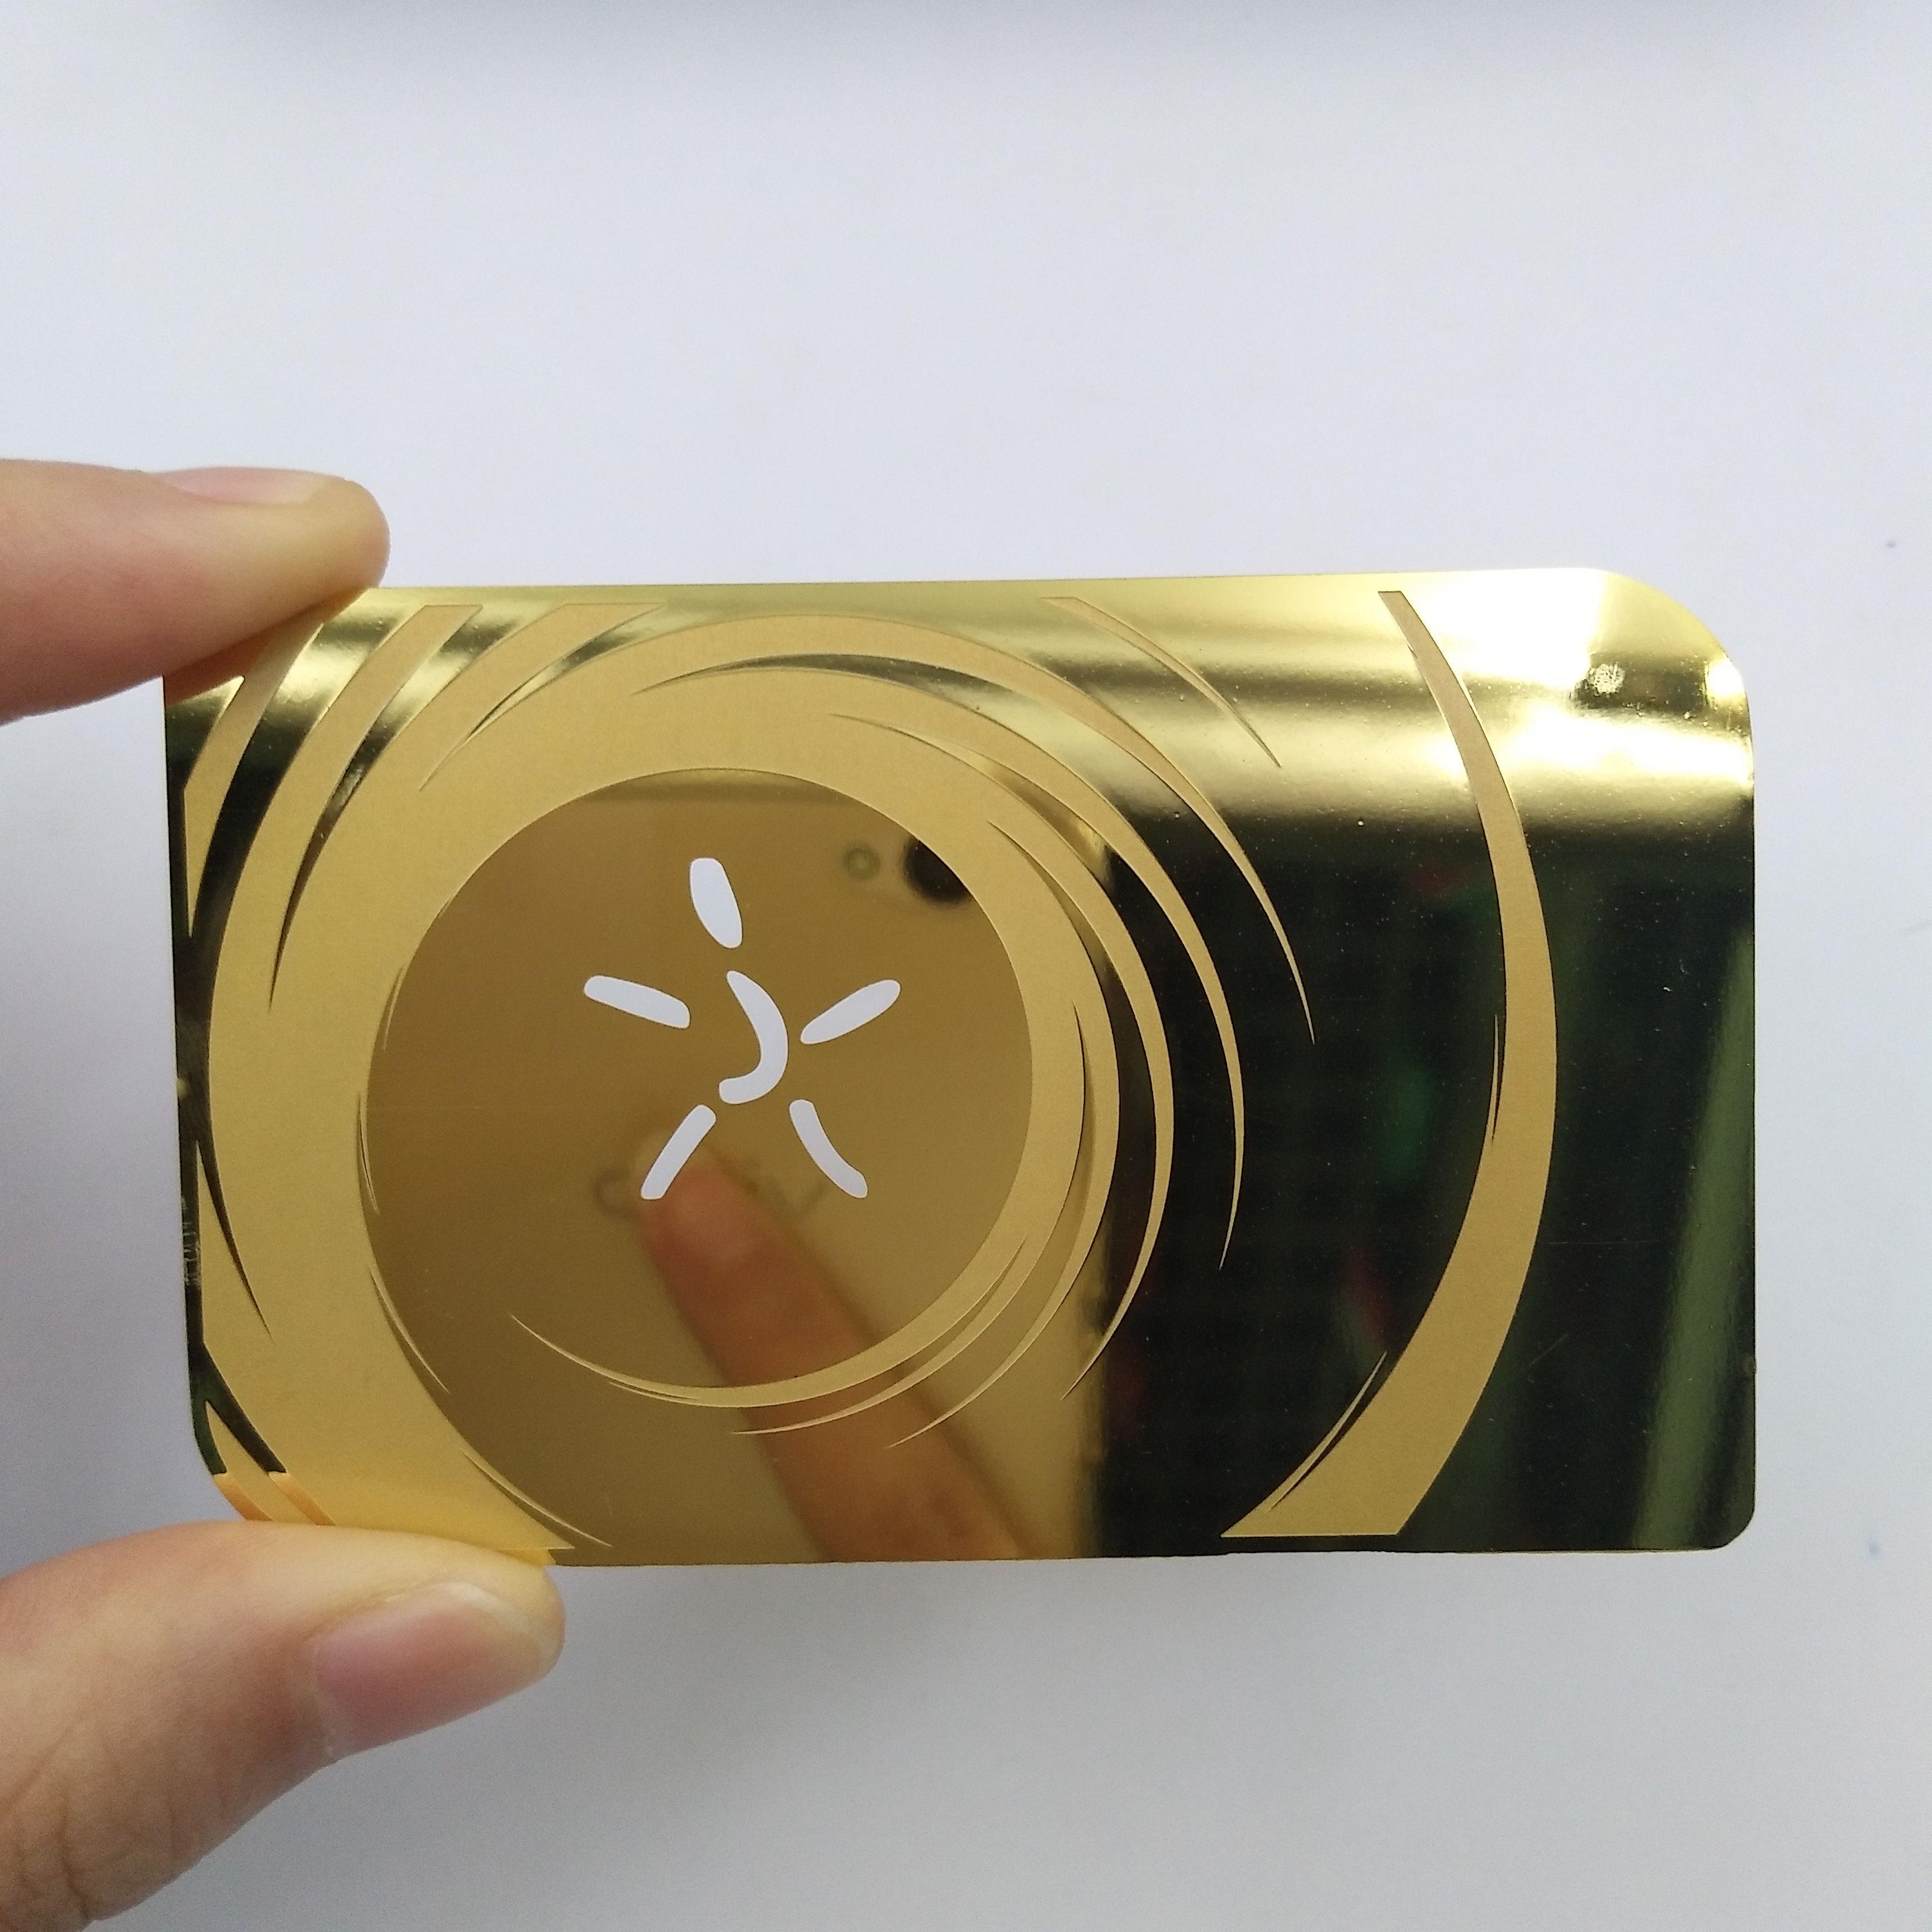 Metal Mirror Business Card Metalcard Stainlesssteelcard